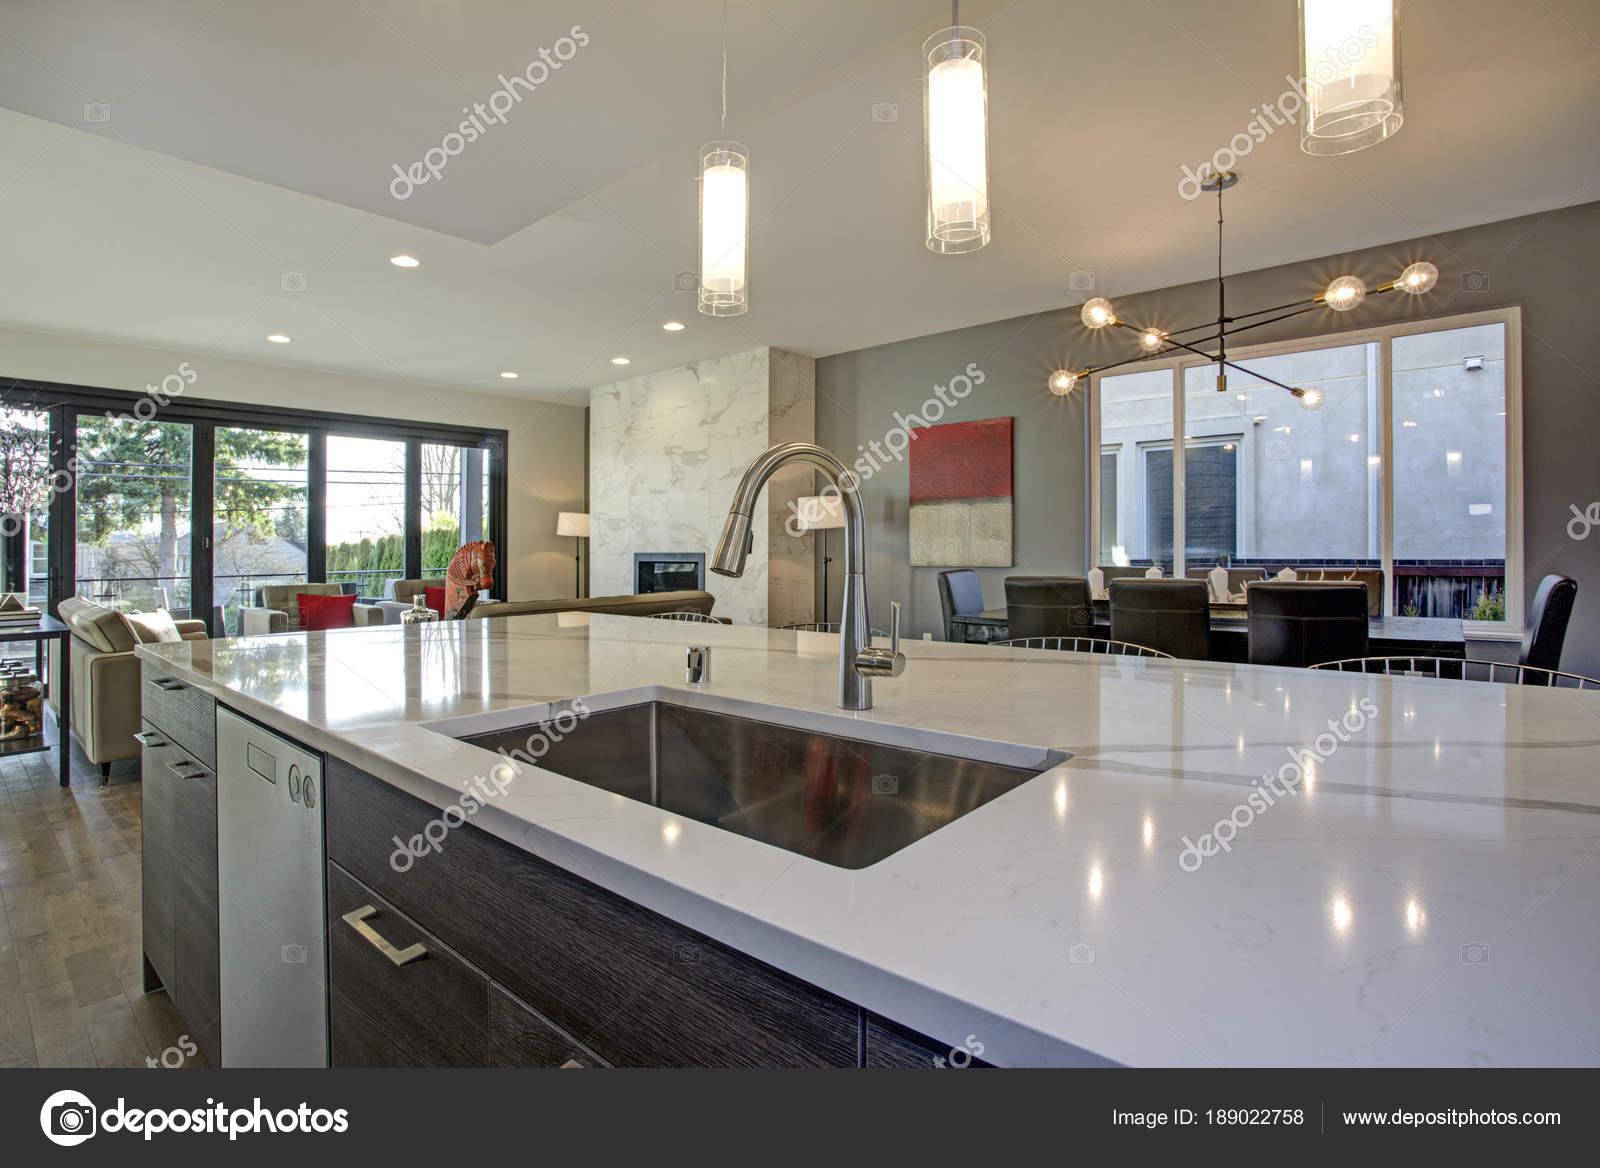 Weiße und graue Küche Innenraum mit offenen Grundriss — Stockfoto ...